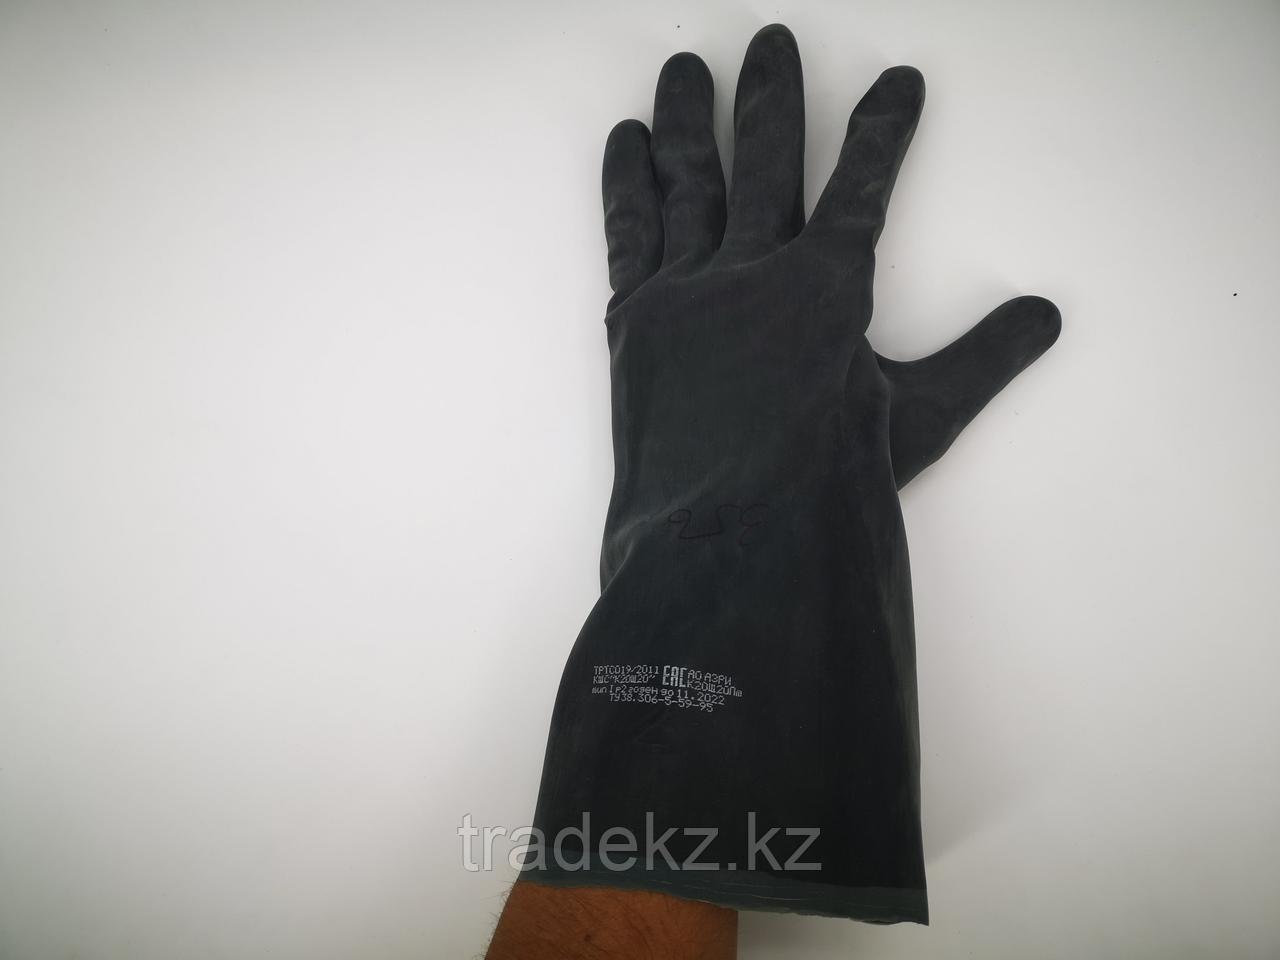 Перчатки КЩС тип 1, средства индивидуальной защиты